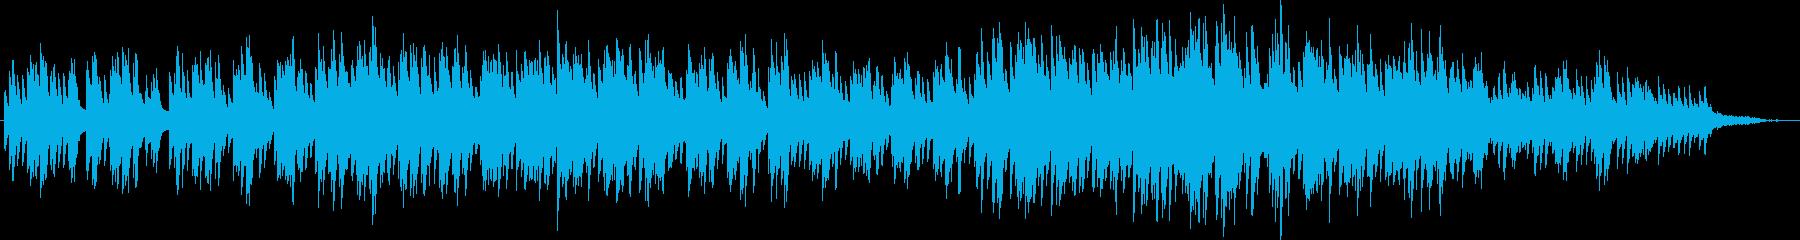 神秘的・サスペンス的なピアノソロの再生済みの波形